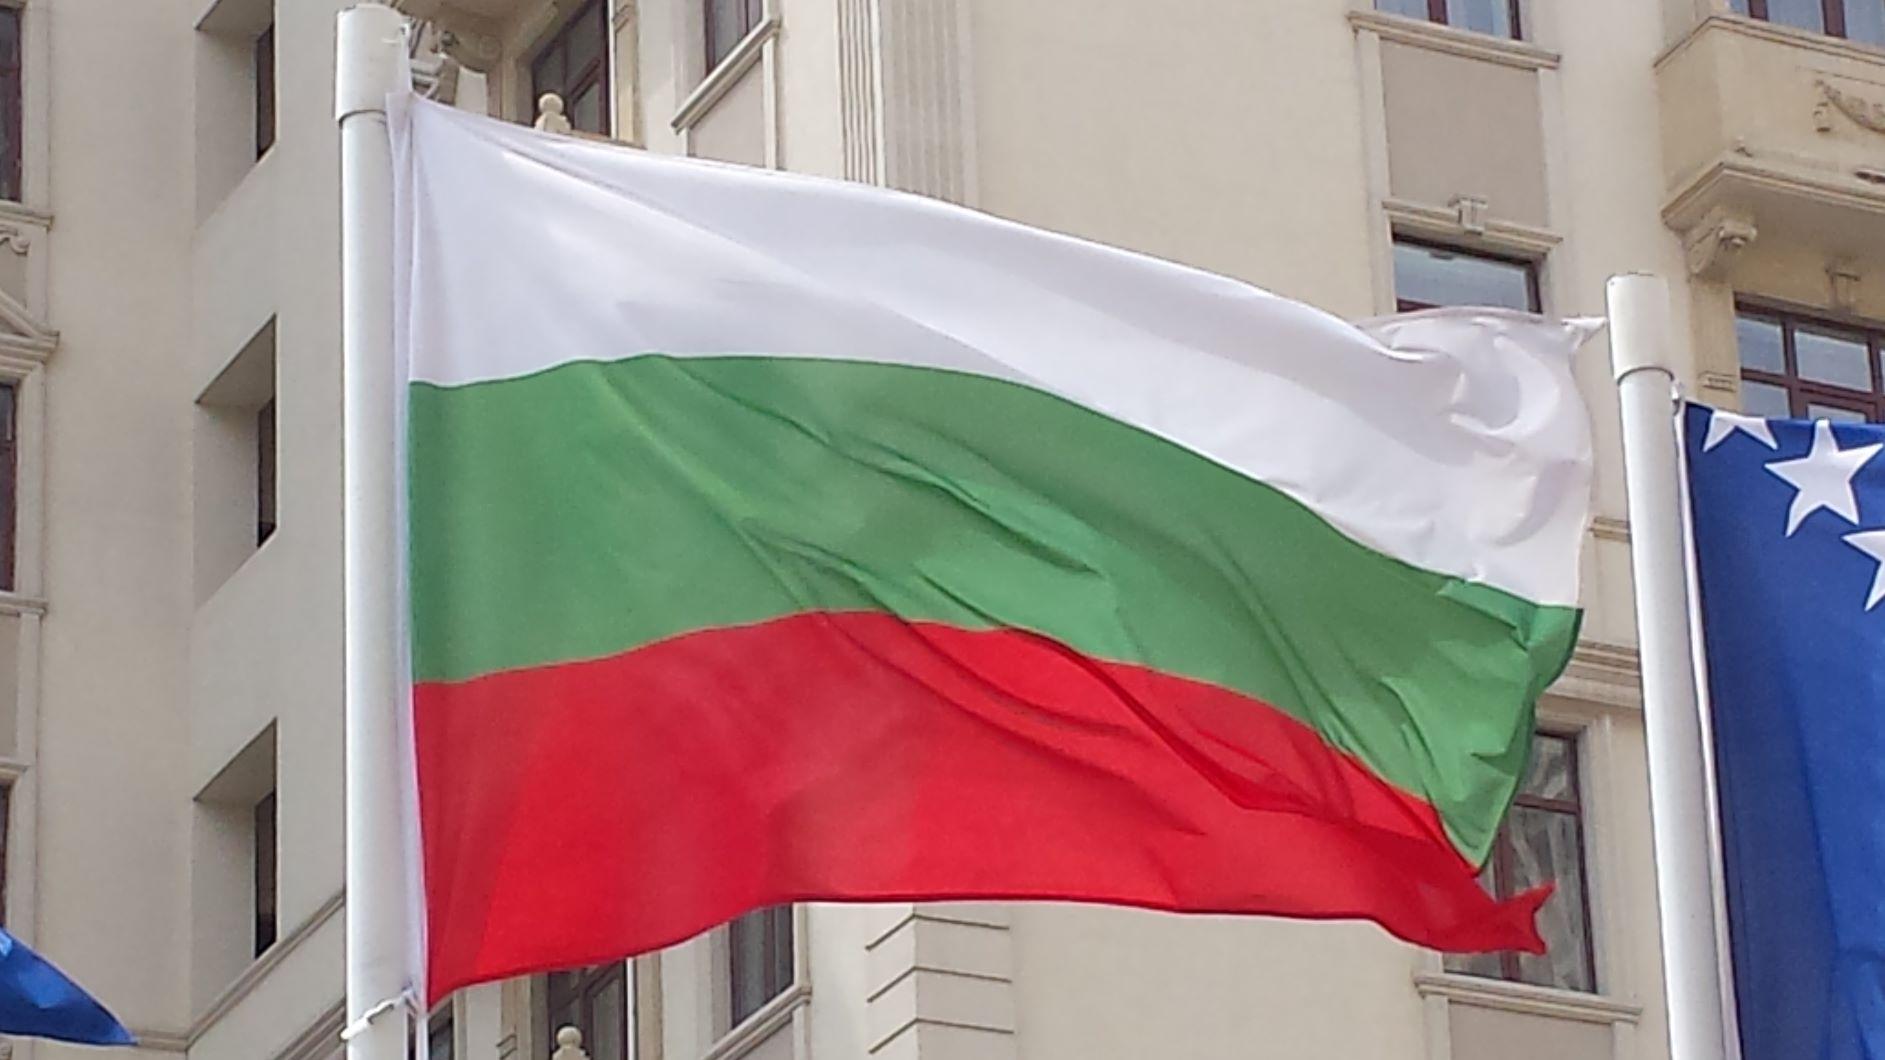 Два български финала в бокса и един репешаж в борбата днес